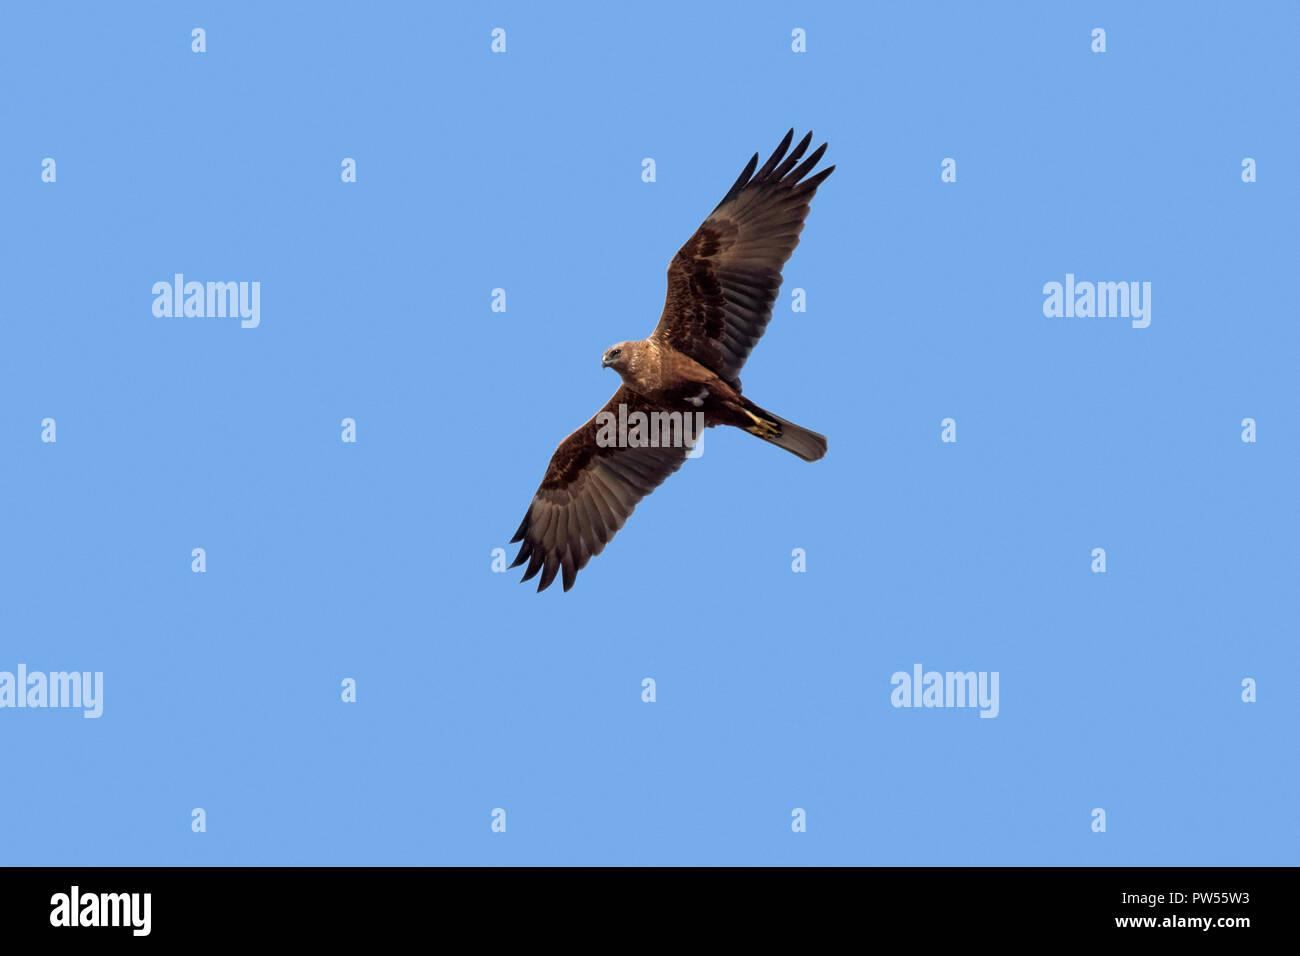 Western marsh harrier / Eurasian marsh harrier (Circus aeruginosus) female in flight against blue sky Stock Photo